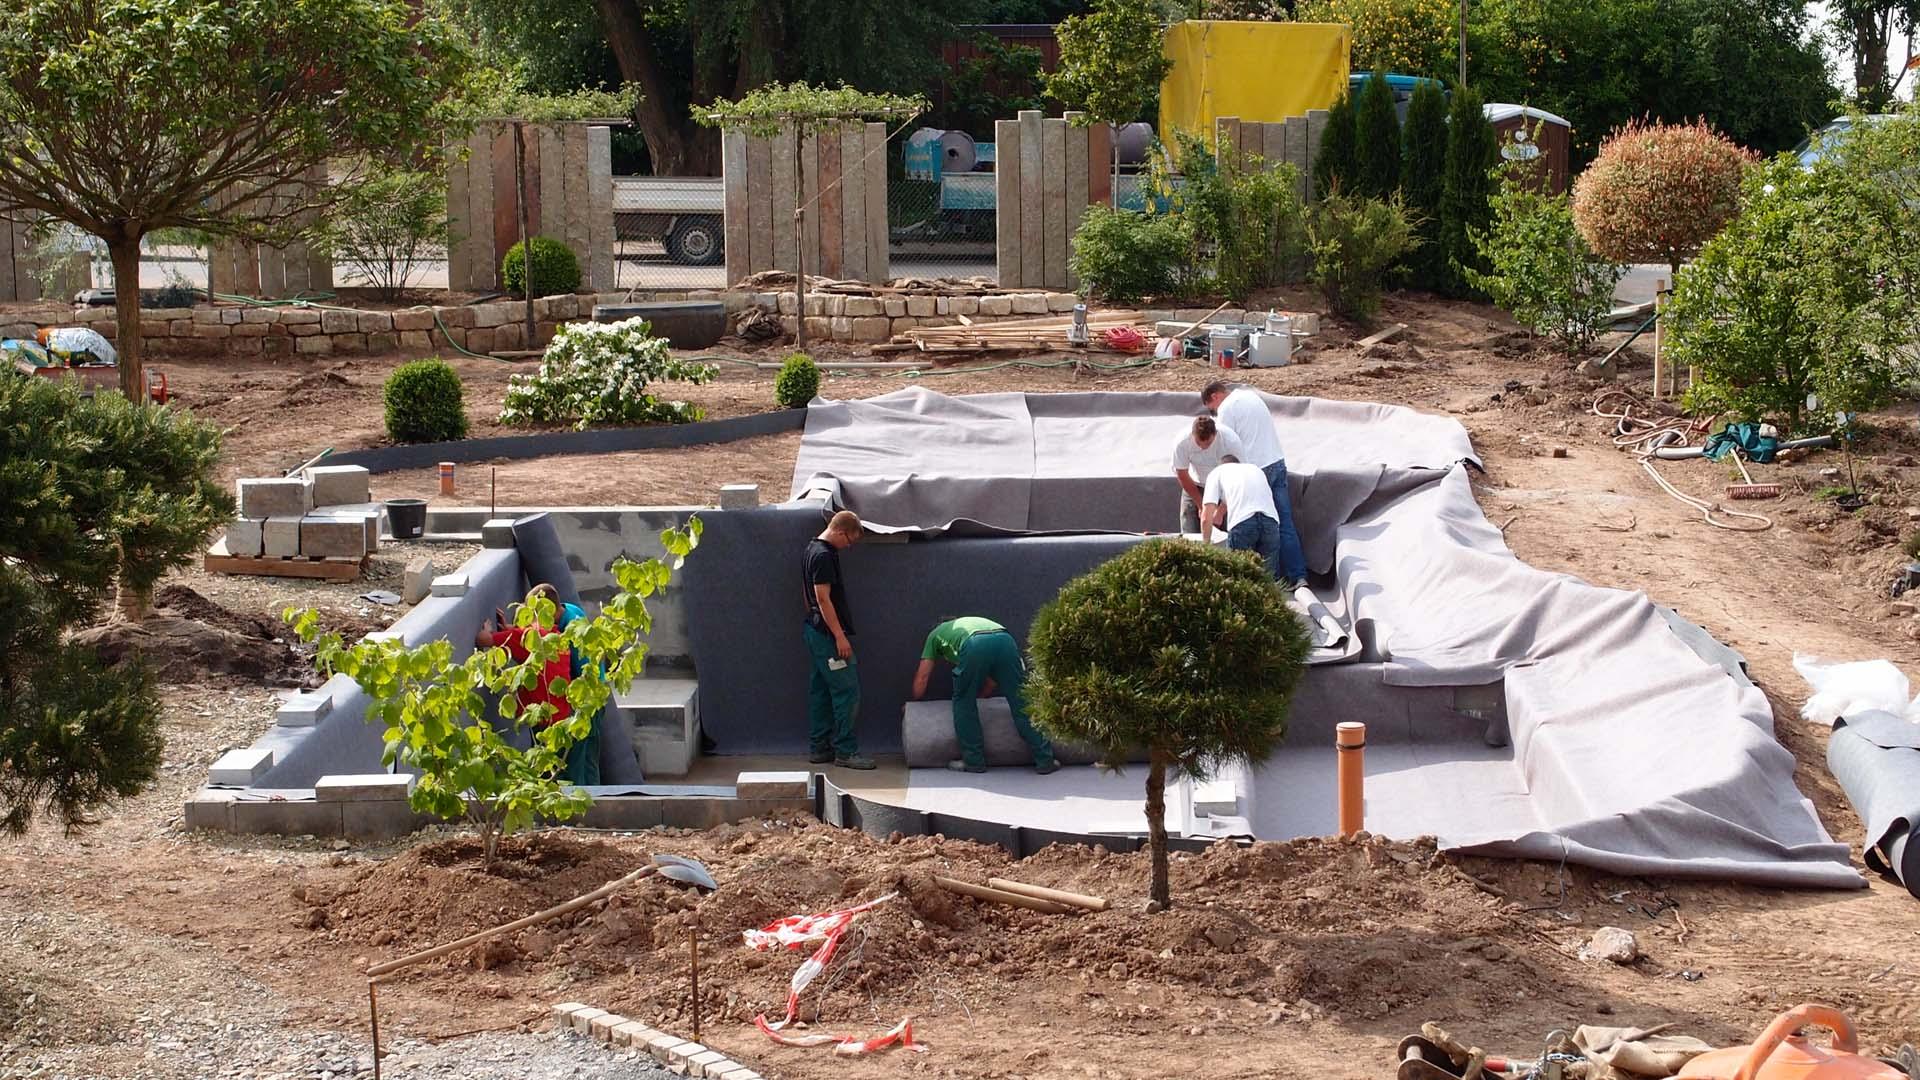 schwimmteich bauen schwimmteich selber bauen 13 m. Black Bedroom Furniture Sets. Home Design Ideas